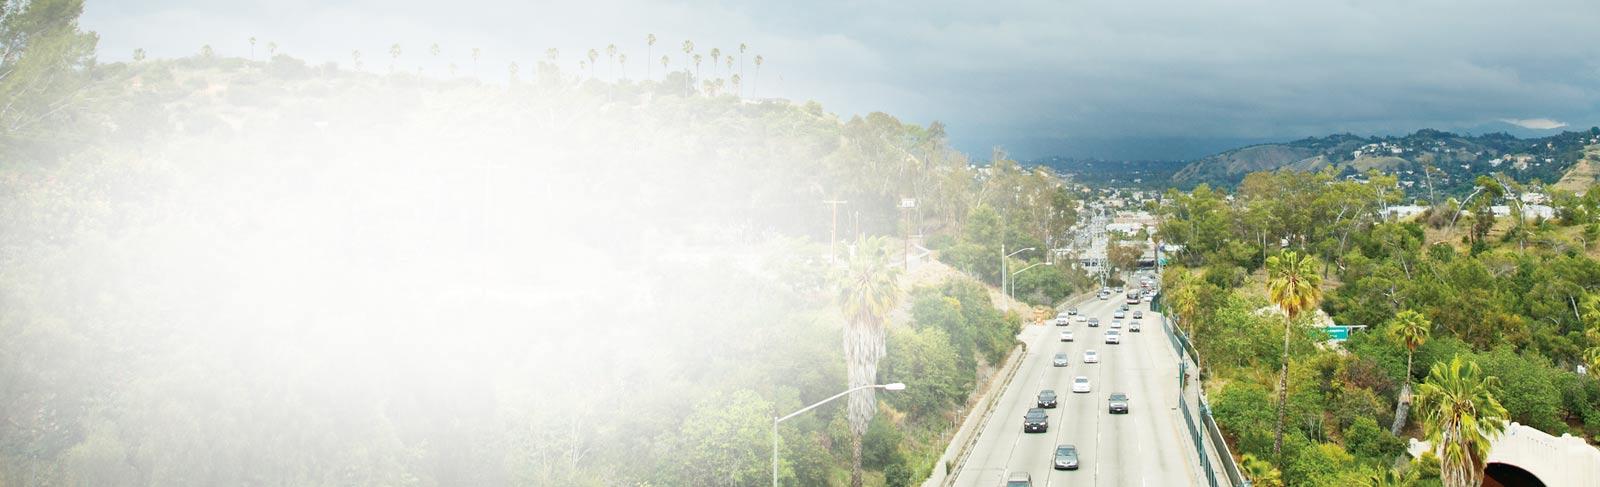 Uma autoestrada em direção a uma cidade. Ler as histórias dos clientes do SharePoint 2013 de todo o mundo.